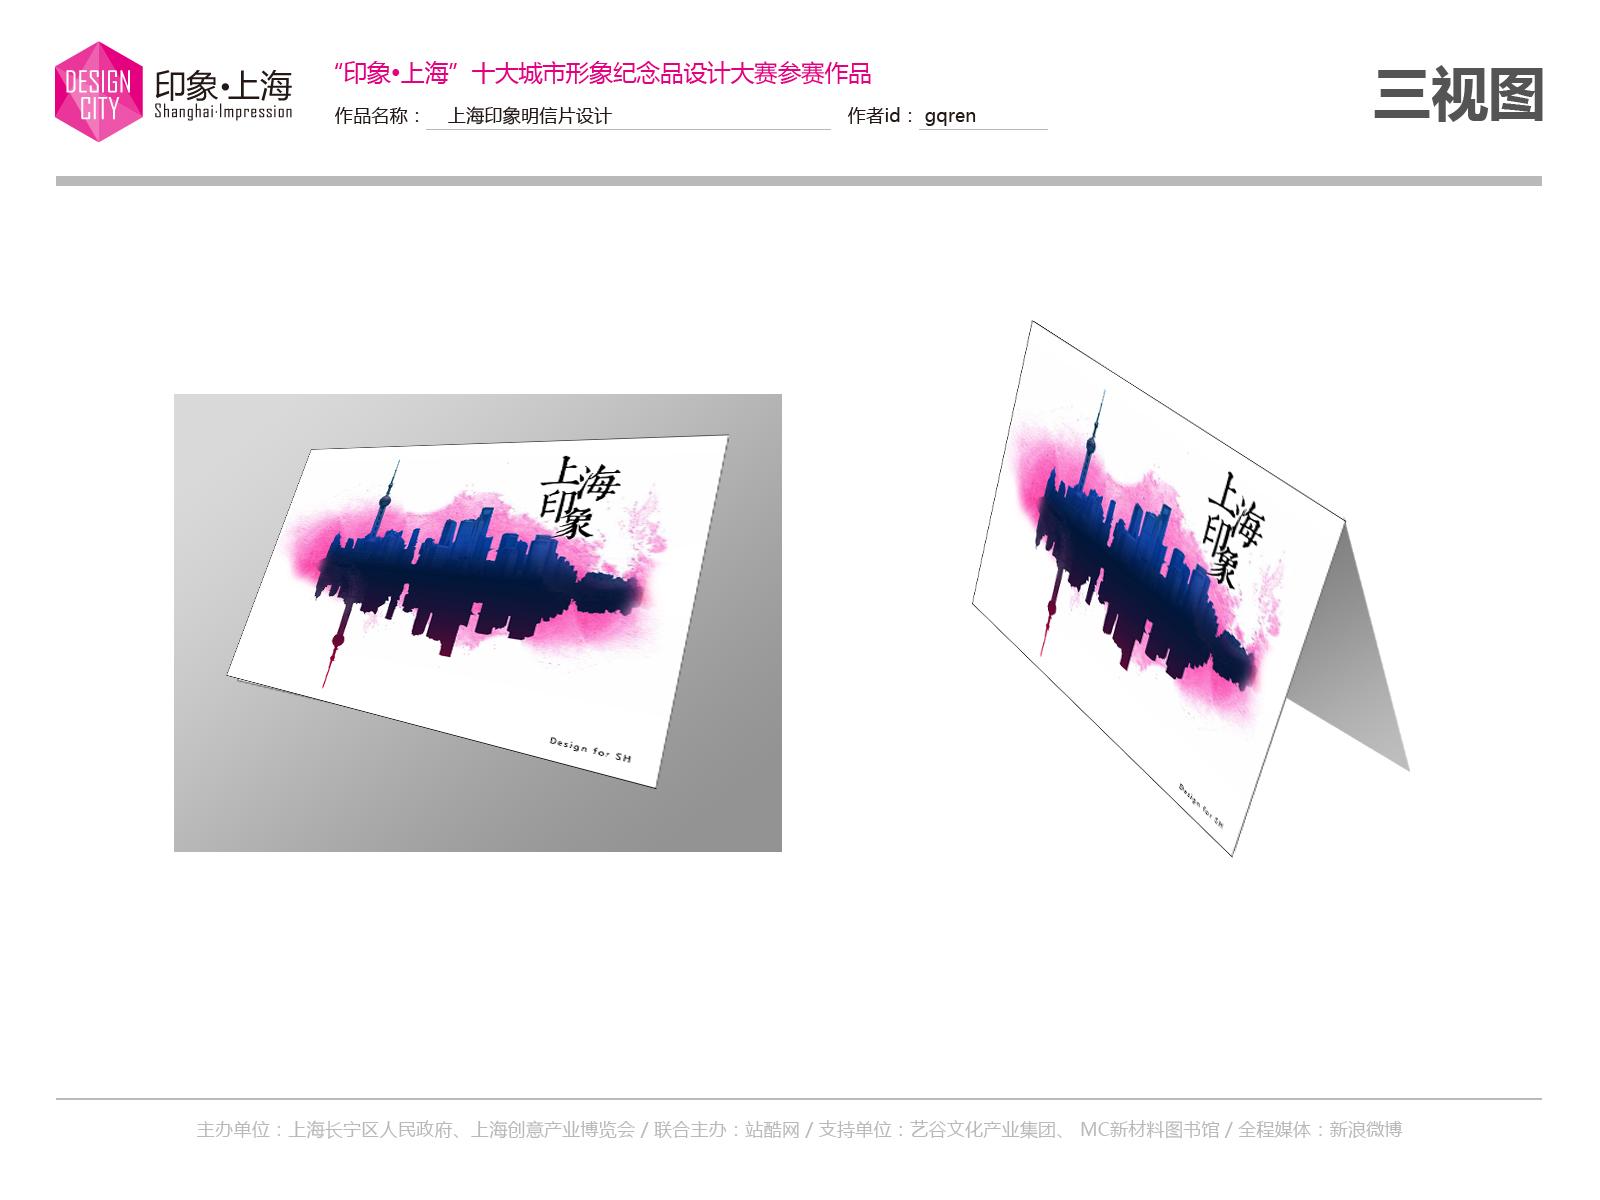 上海印象 明信片设计